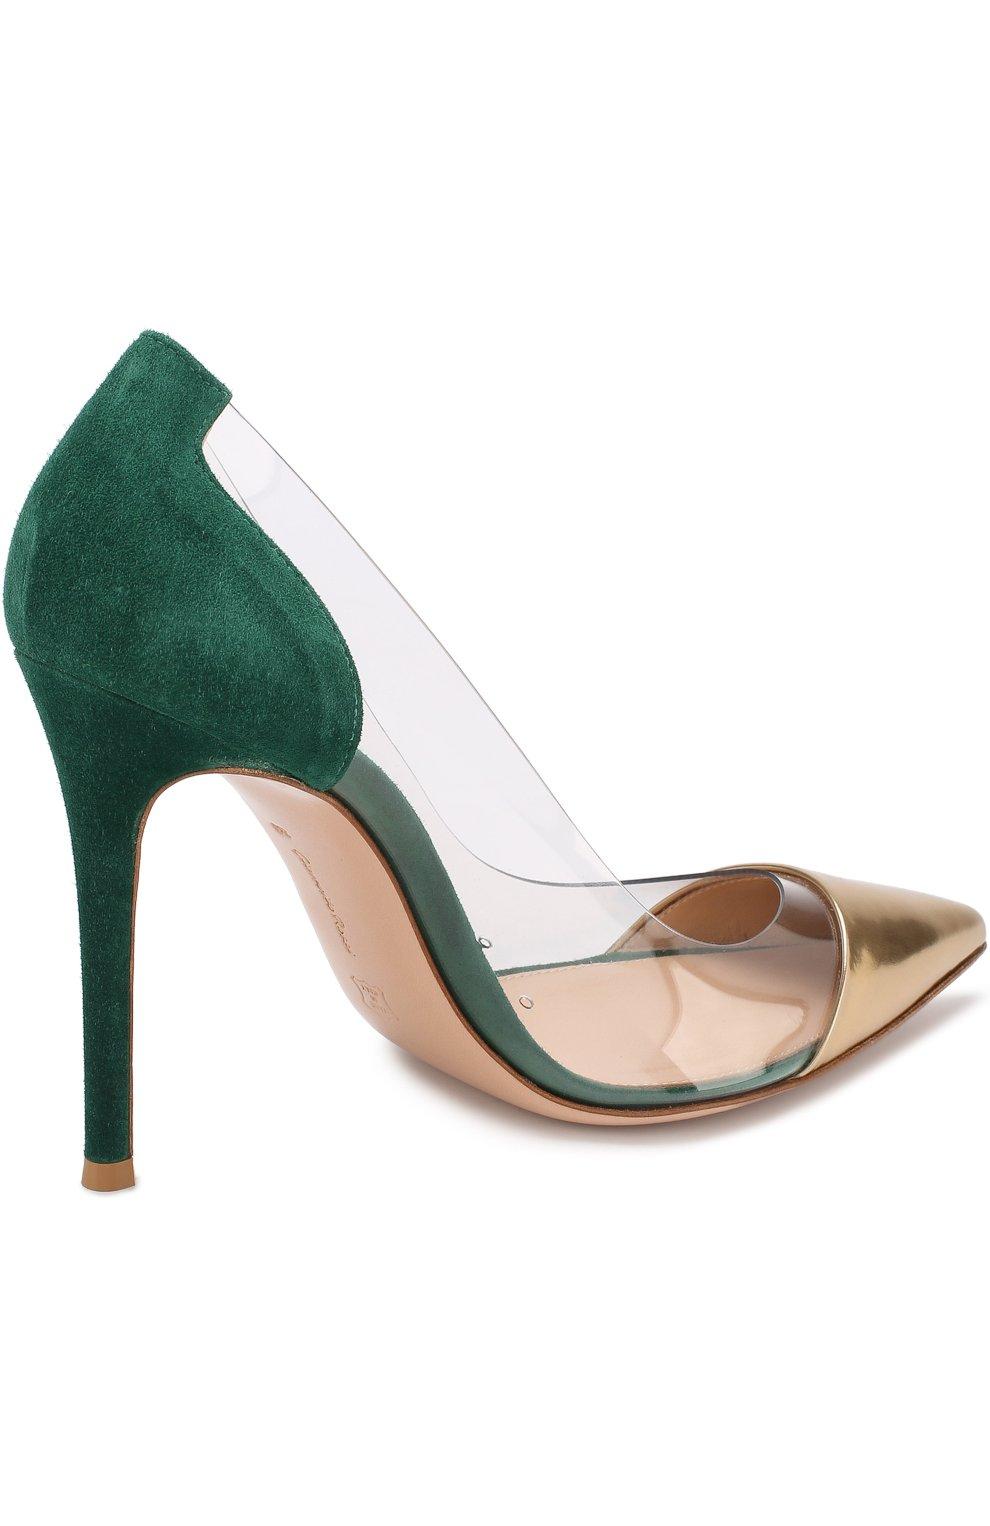 Комбинированные туфли Plexi на шпильке | Фото №4